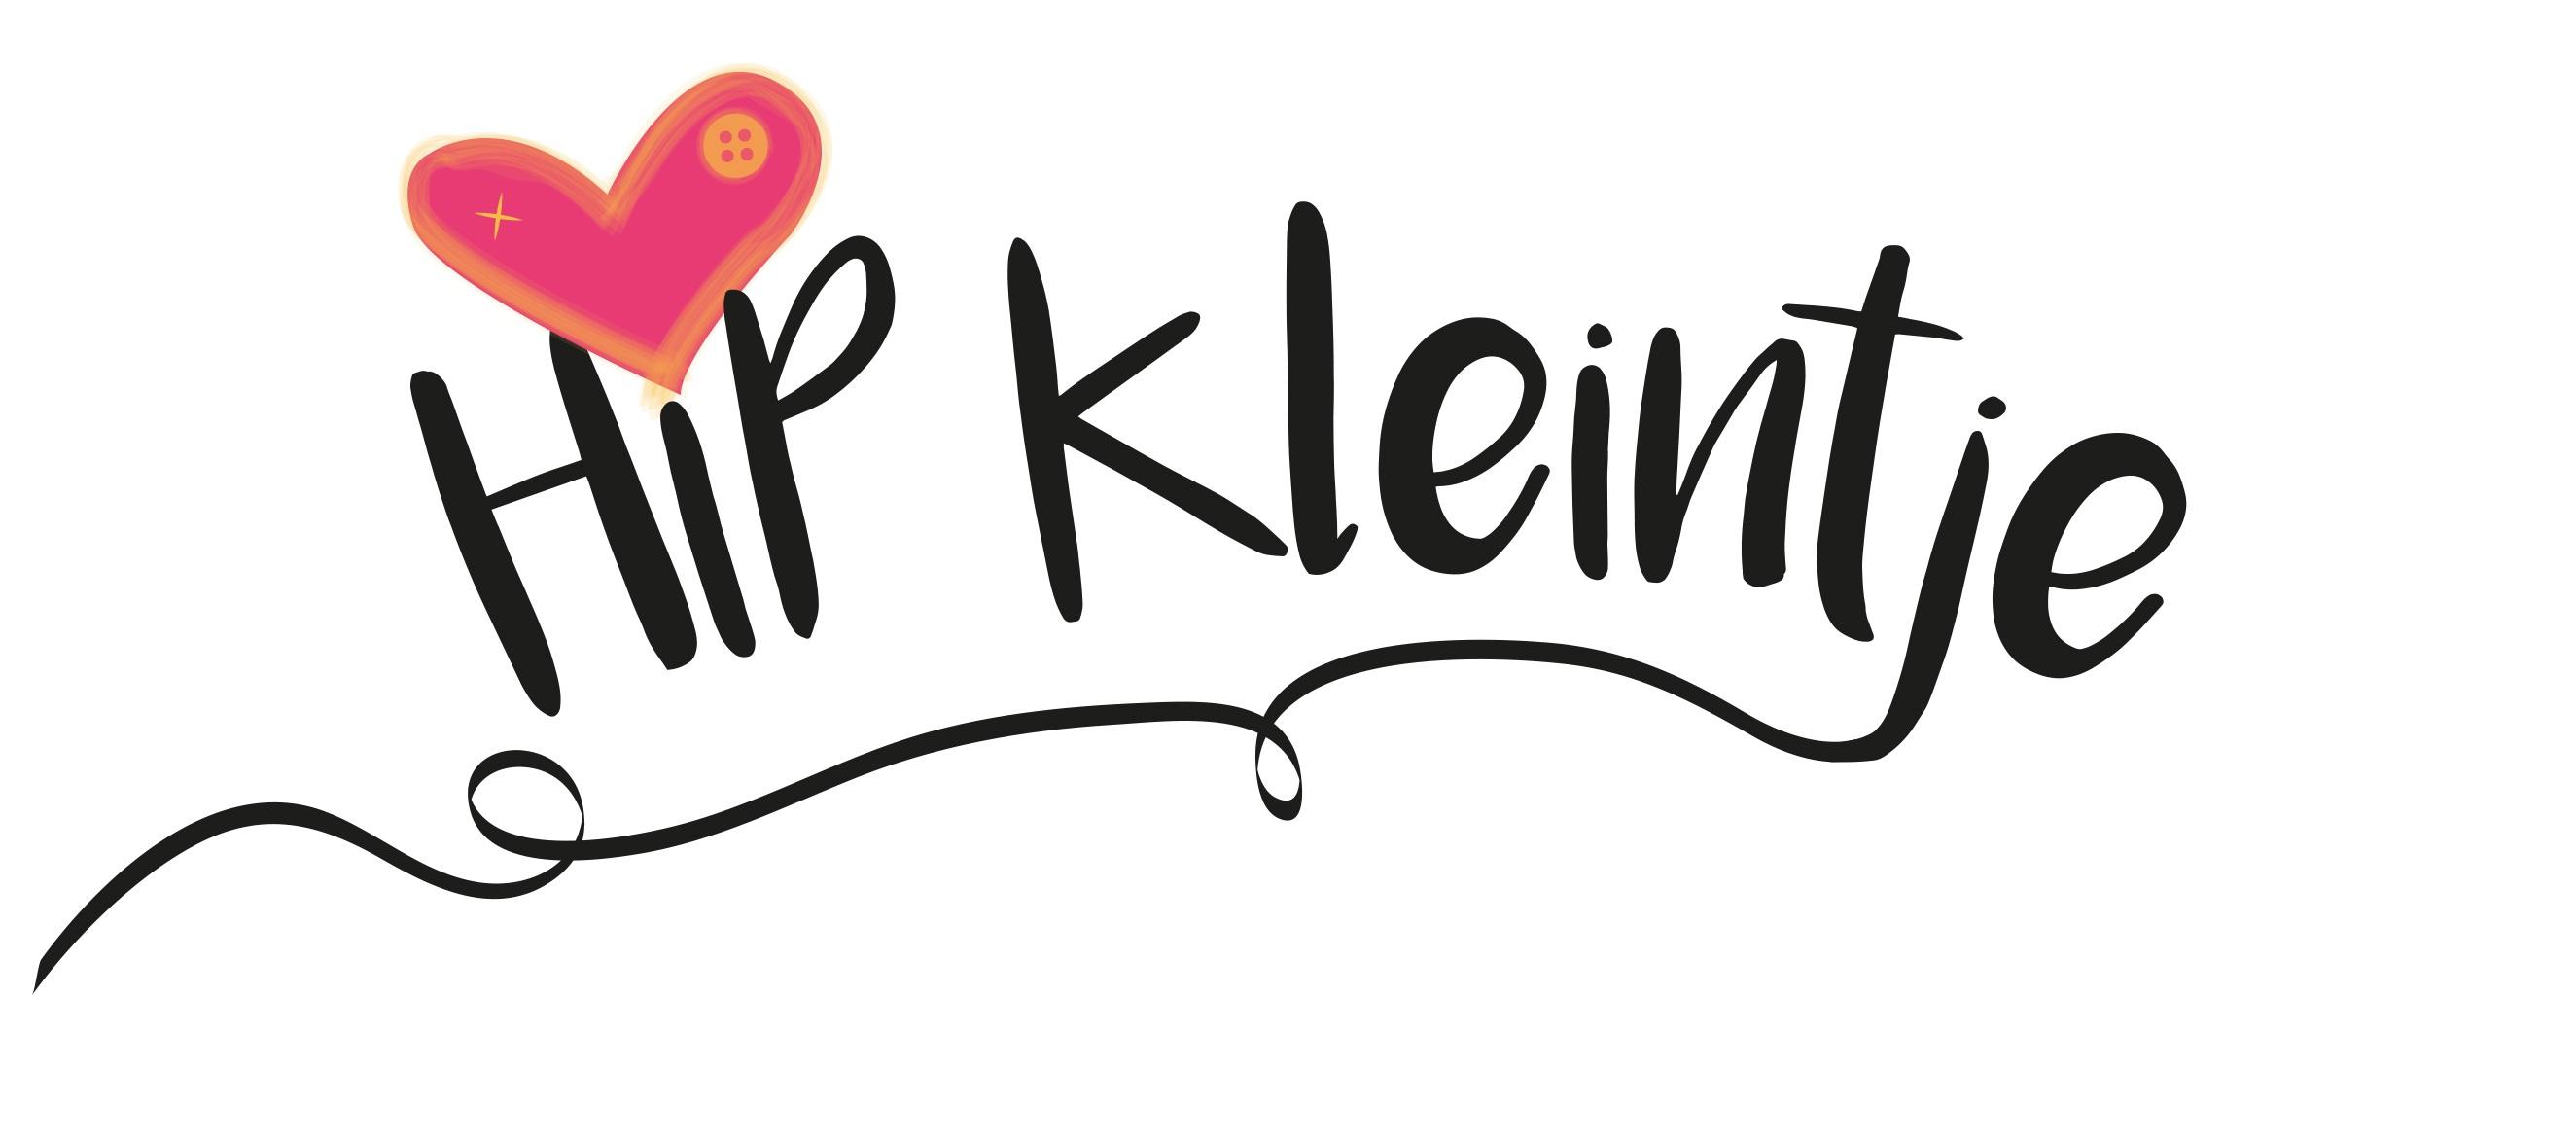 HipKleintje.nl baby- kindermerkkleding online of bij u thuis!